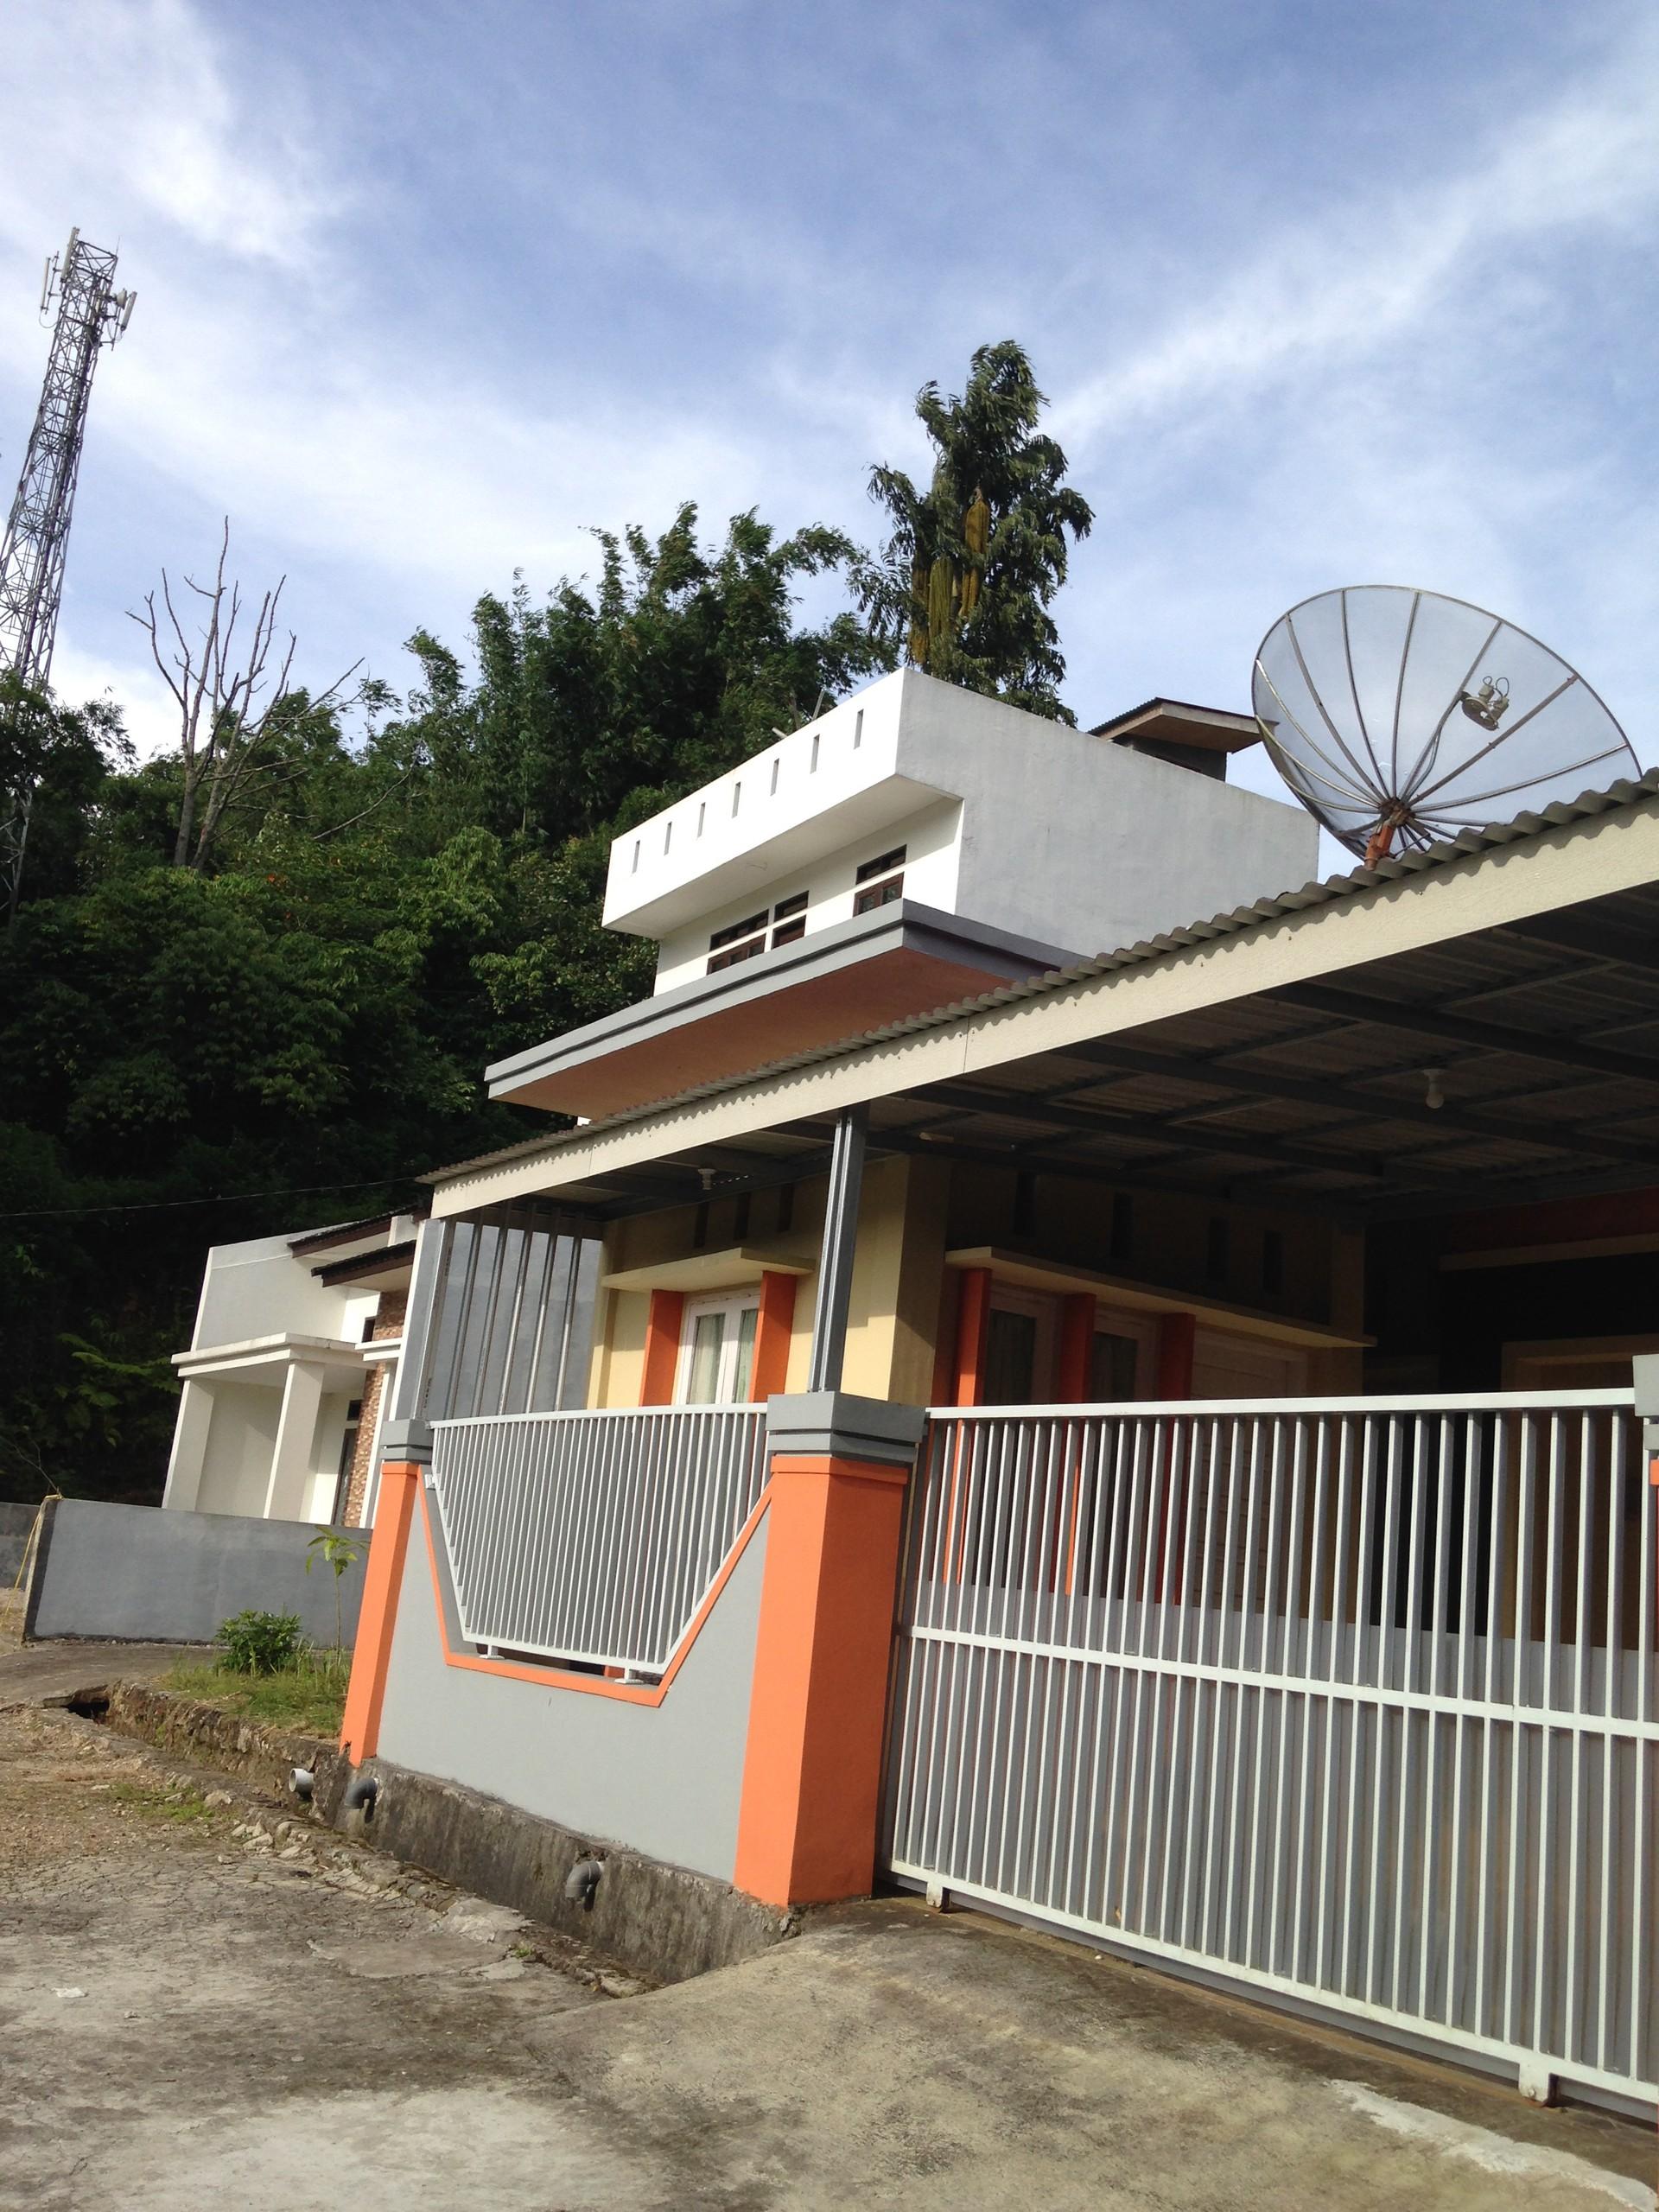 jingga guesthouse syari'ah